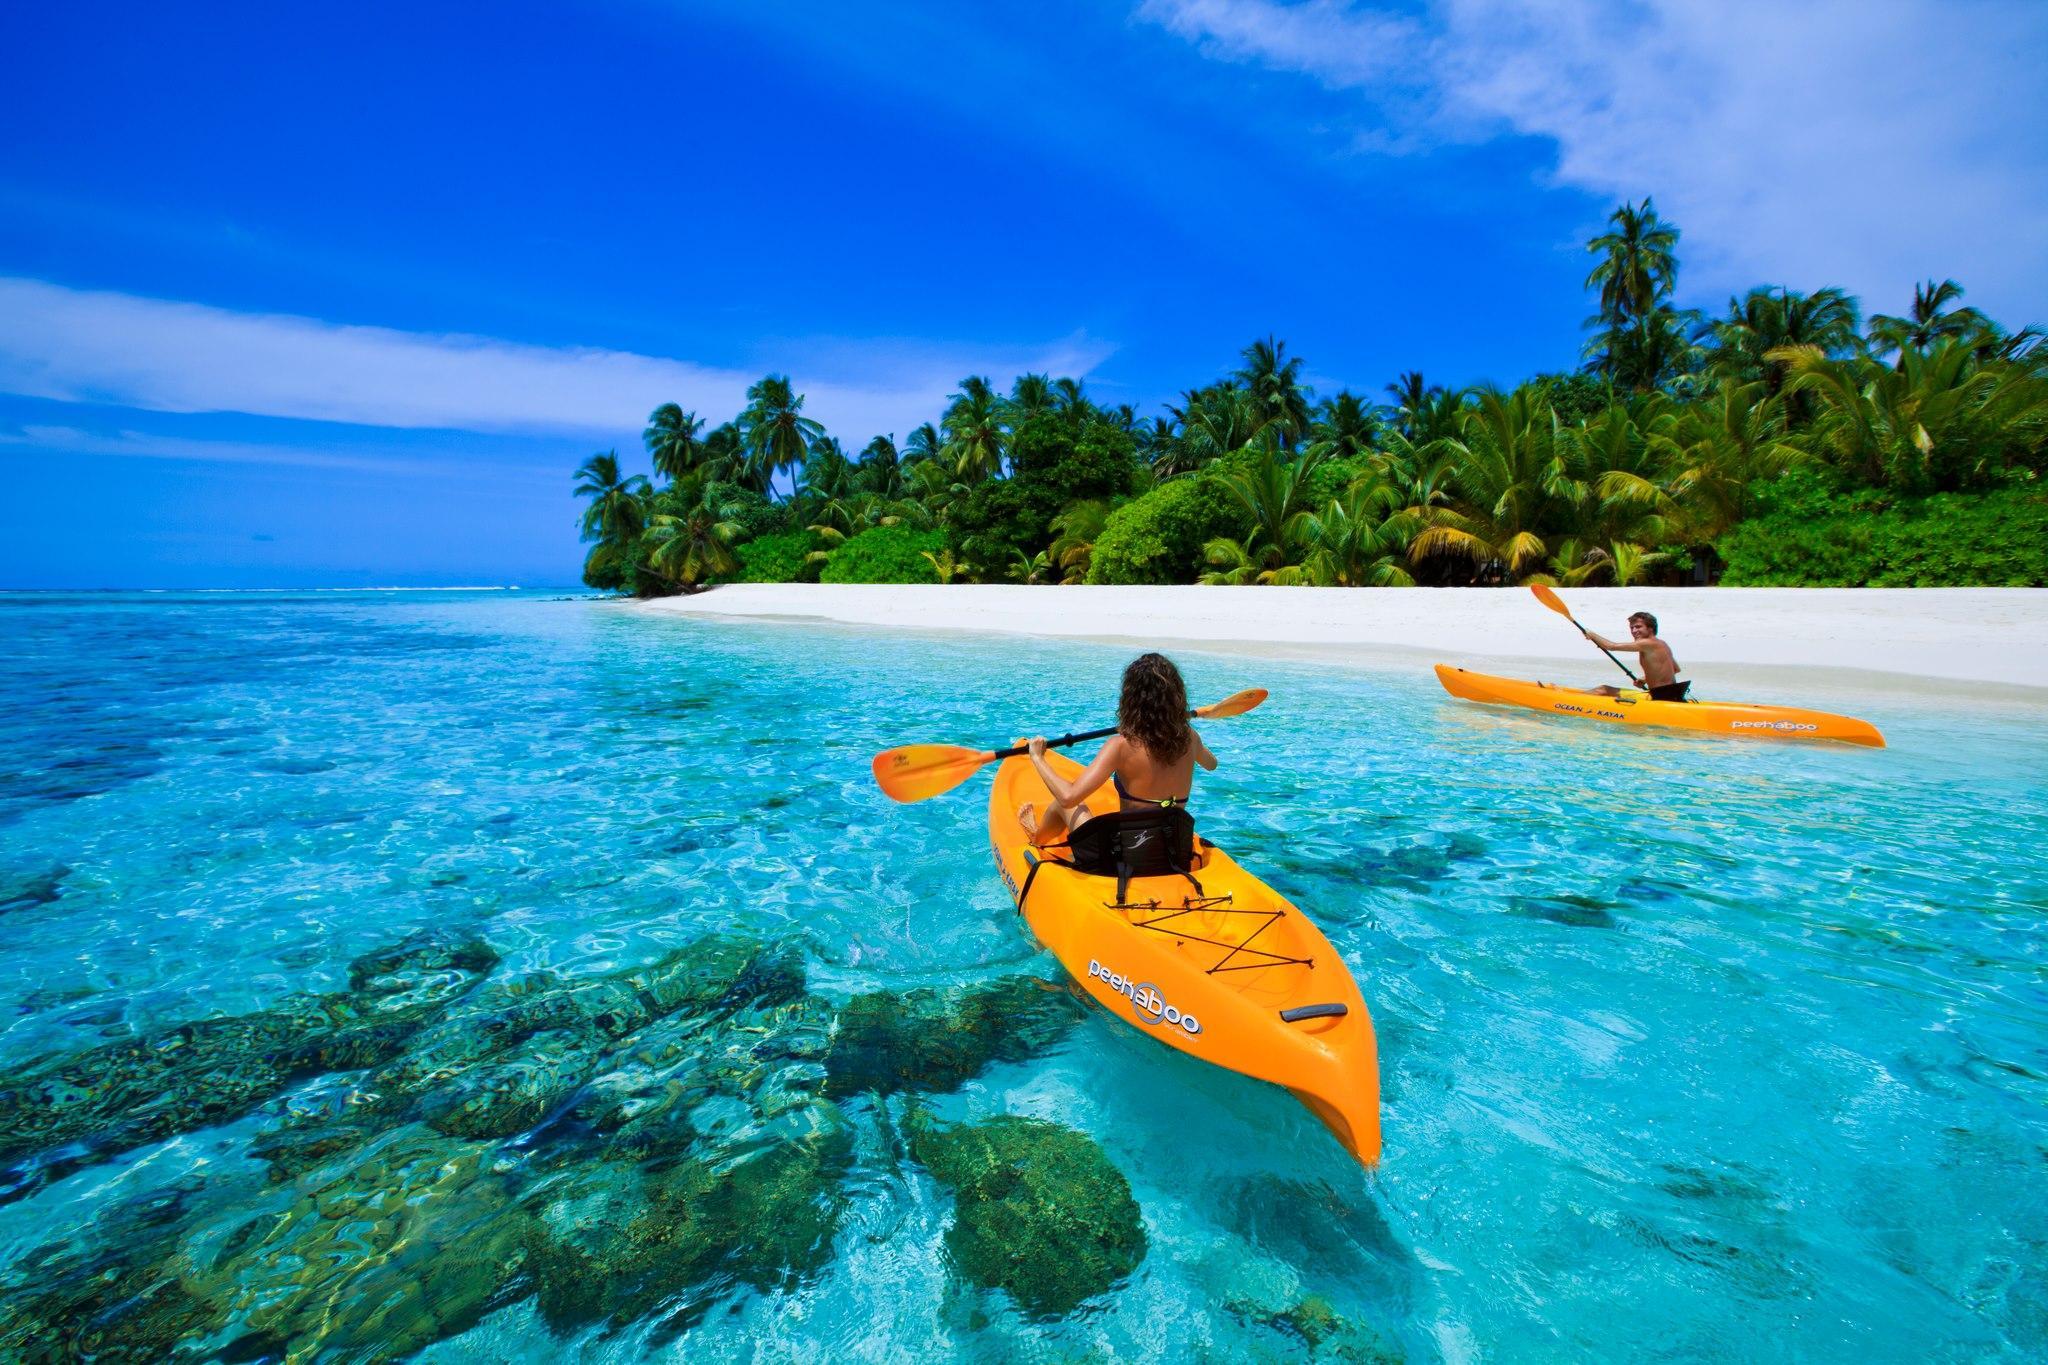 voyage kayak vol